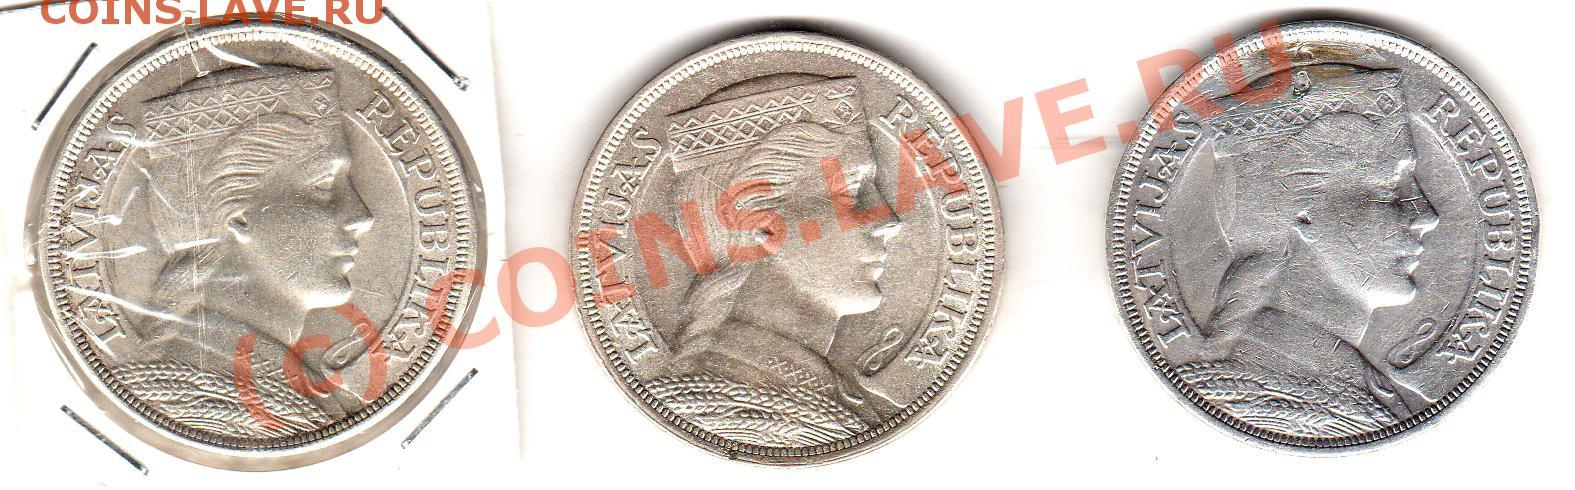 Какая женщина изображена на монете 5 латов 1929 год 1 2 3 рейх